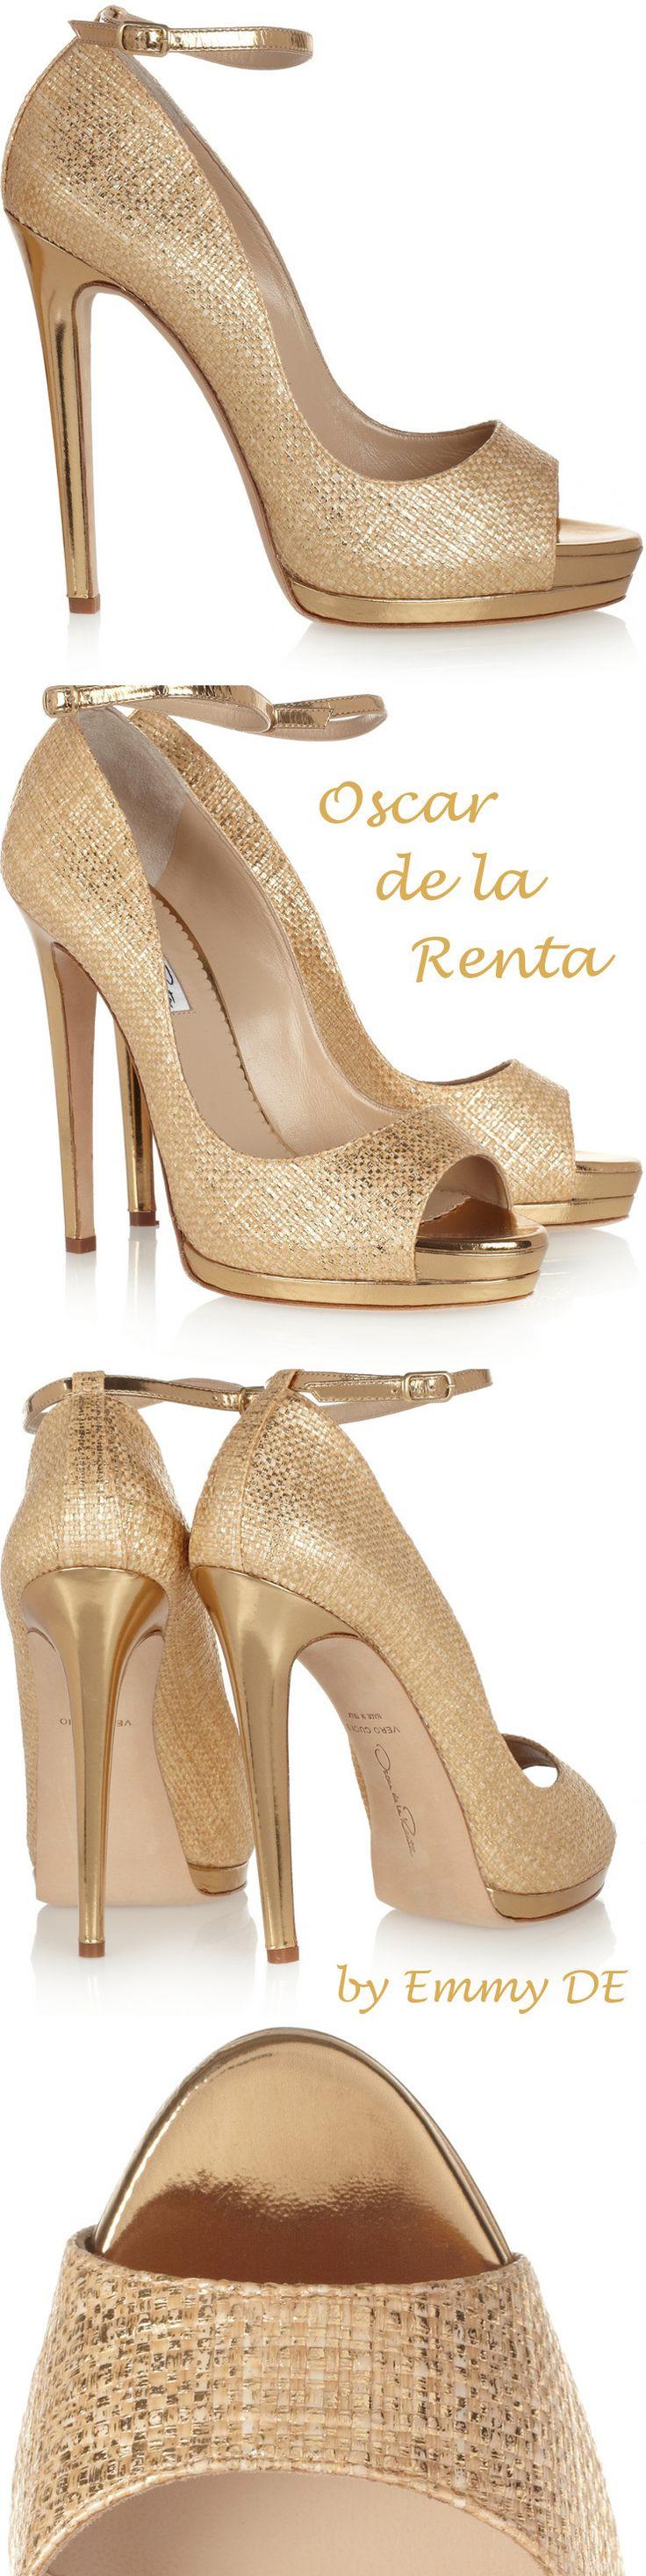 b8c5bbb26b22 El oro un color de novia by Innovias